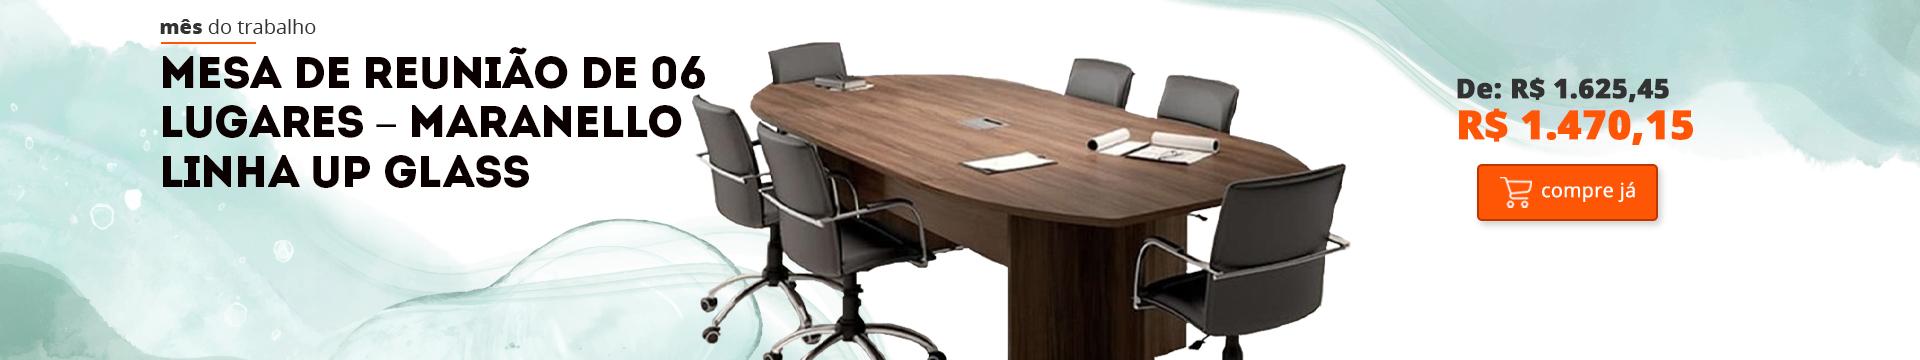 mesa de reunião maranello – 6 lugares